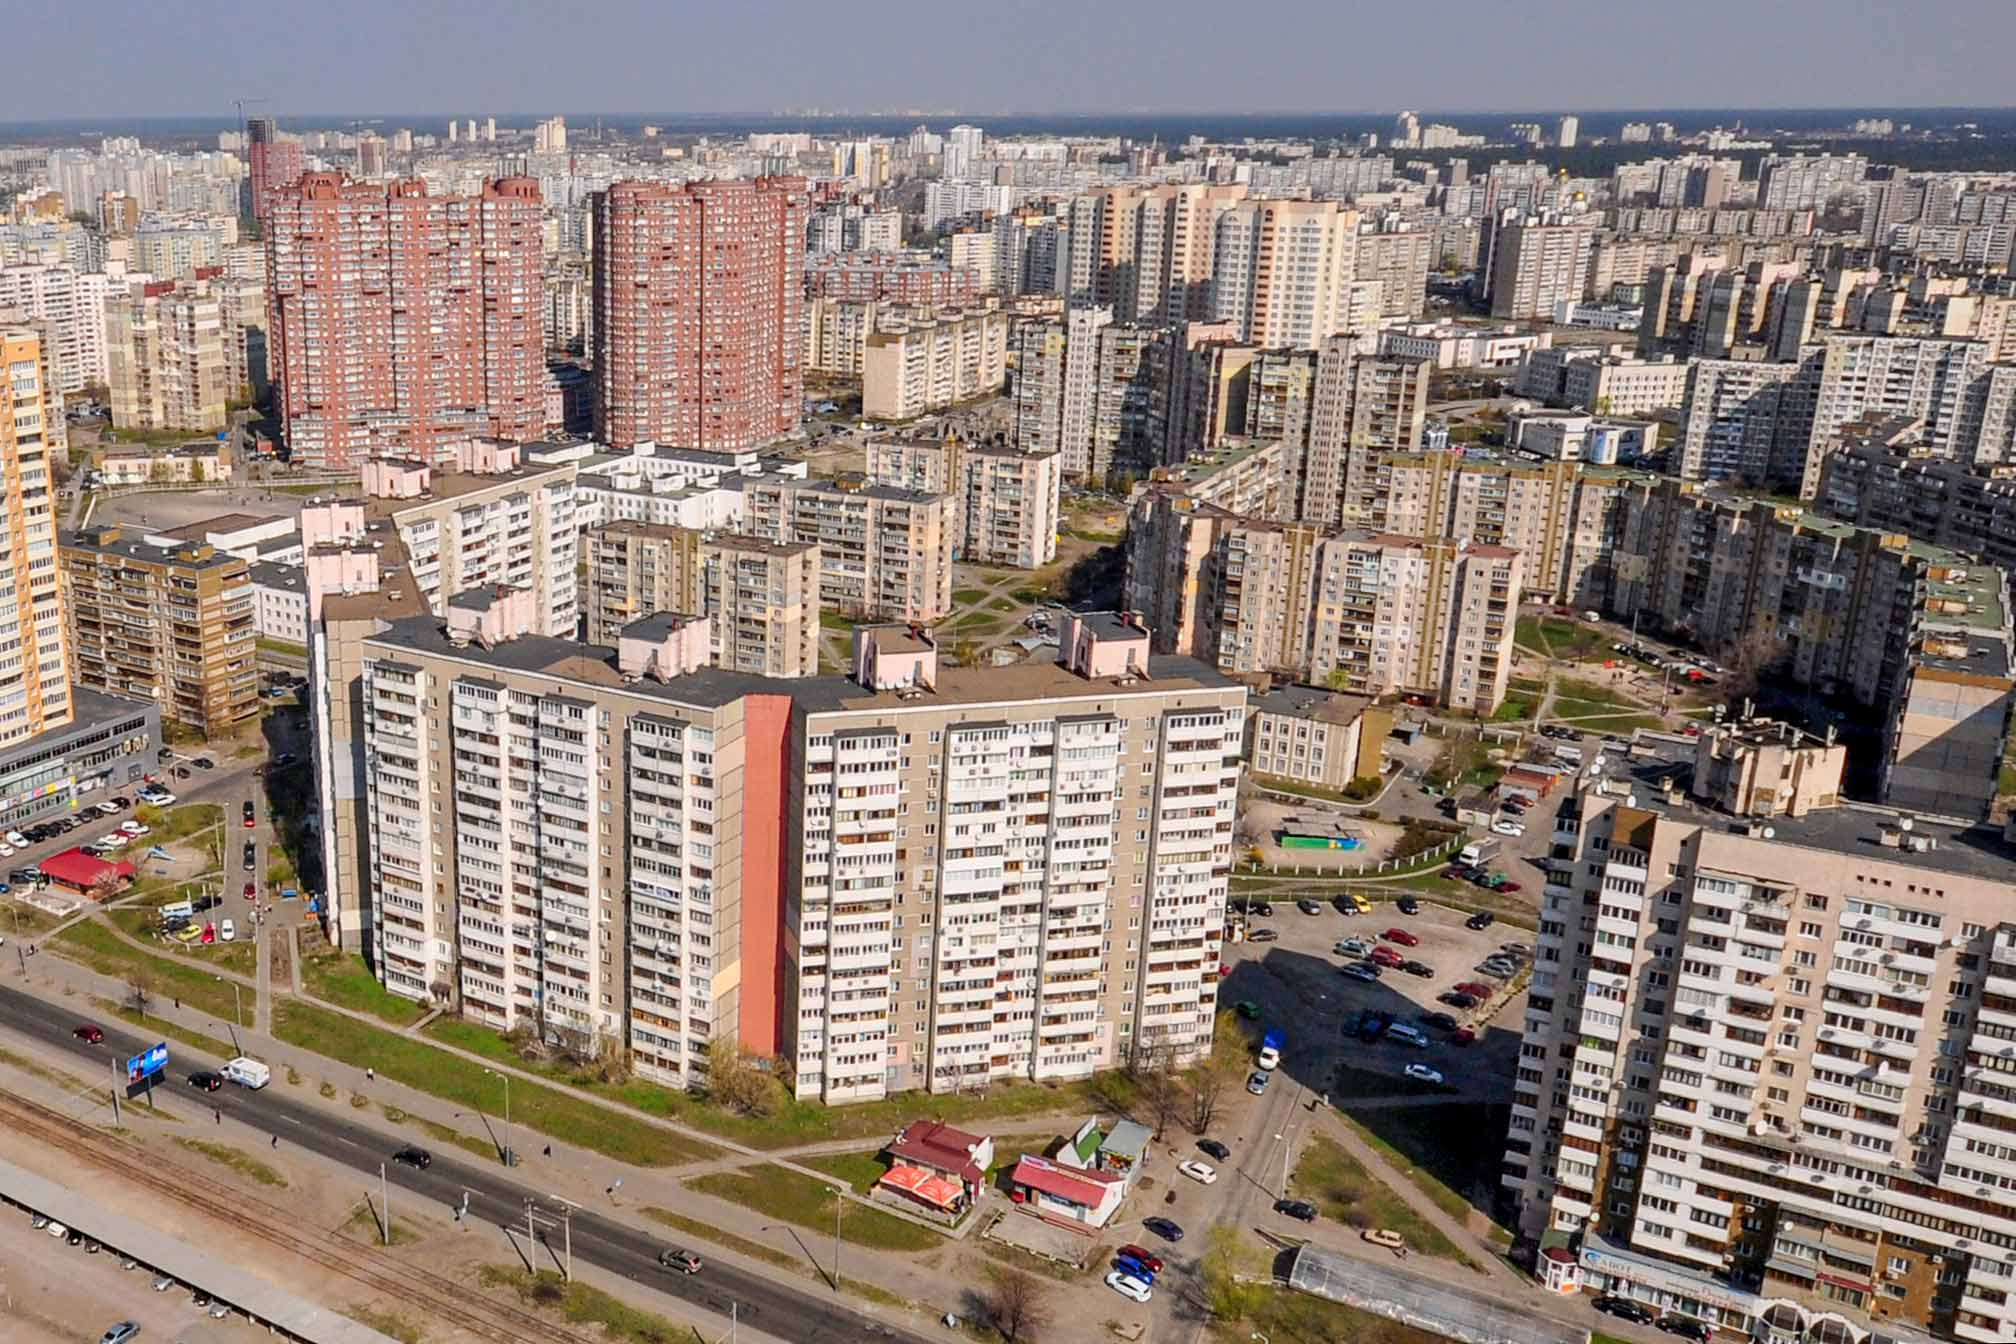 poznyak - <b>Ради массового жилья в Киеве уничтожили десятки поселений.</b> Рассказываем, как это было - Заборона